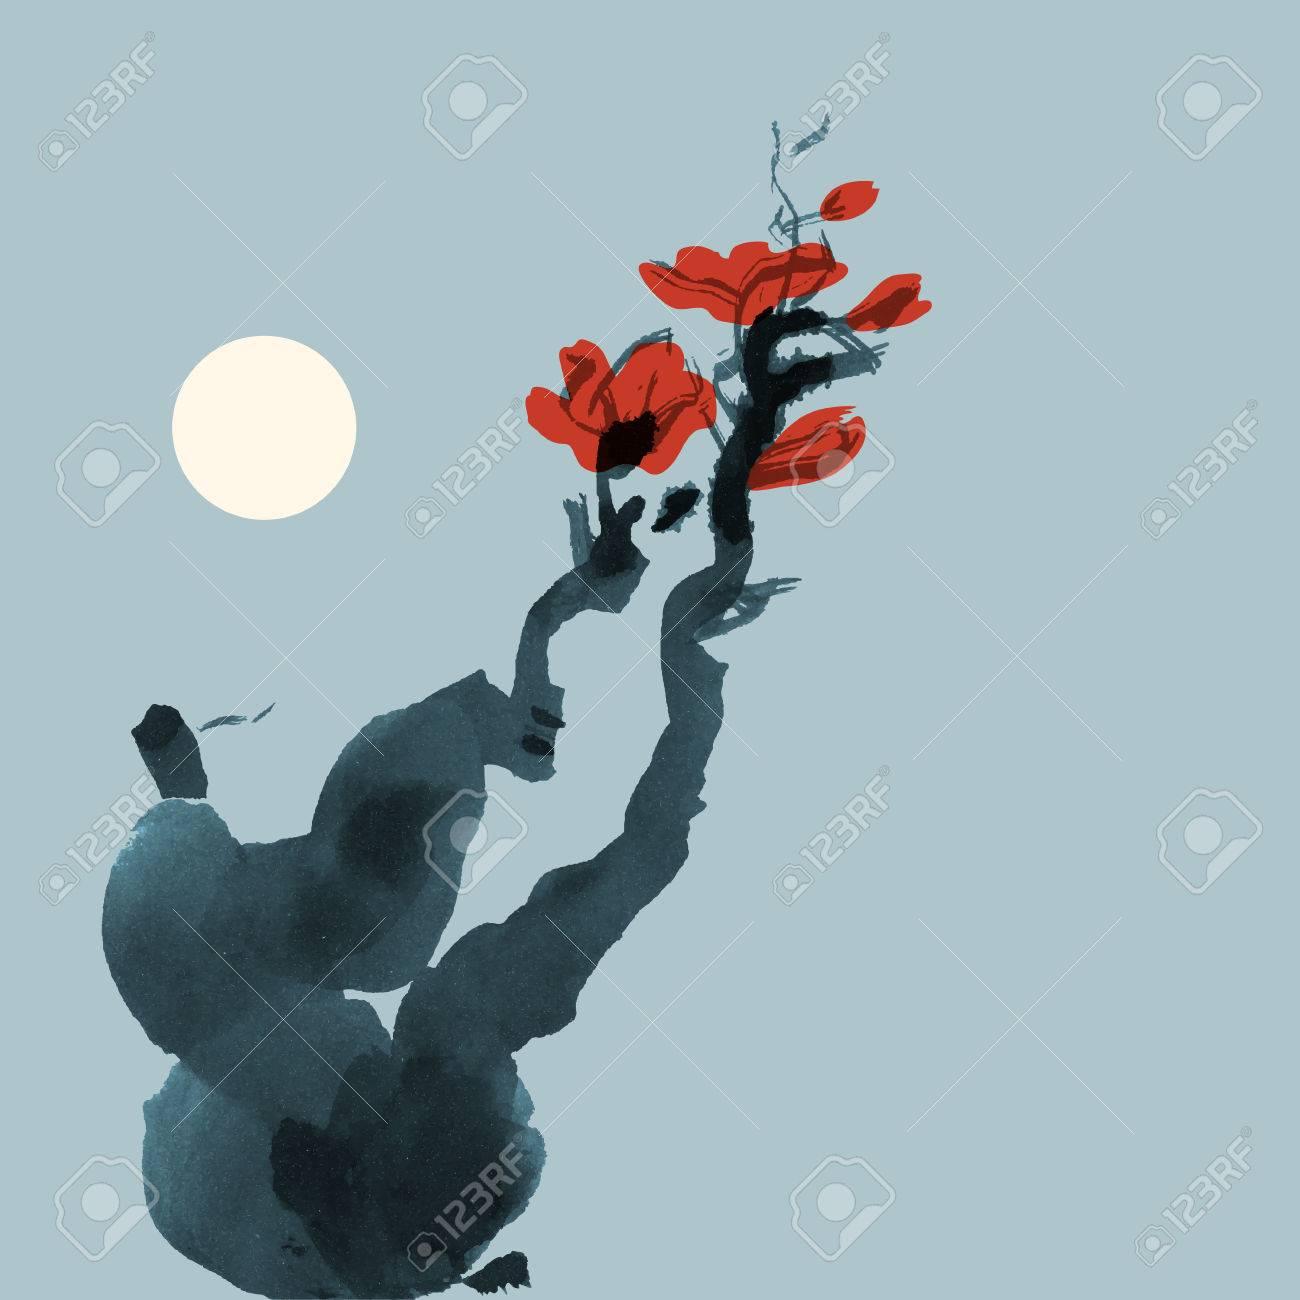 Modele De Carte De Voeux Dans Le Style Japonais Floraison Arbre Dessin A L Encre Vectorized Clip Art Libres De Droits Vecteurs Et Illustration Image 42091997